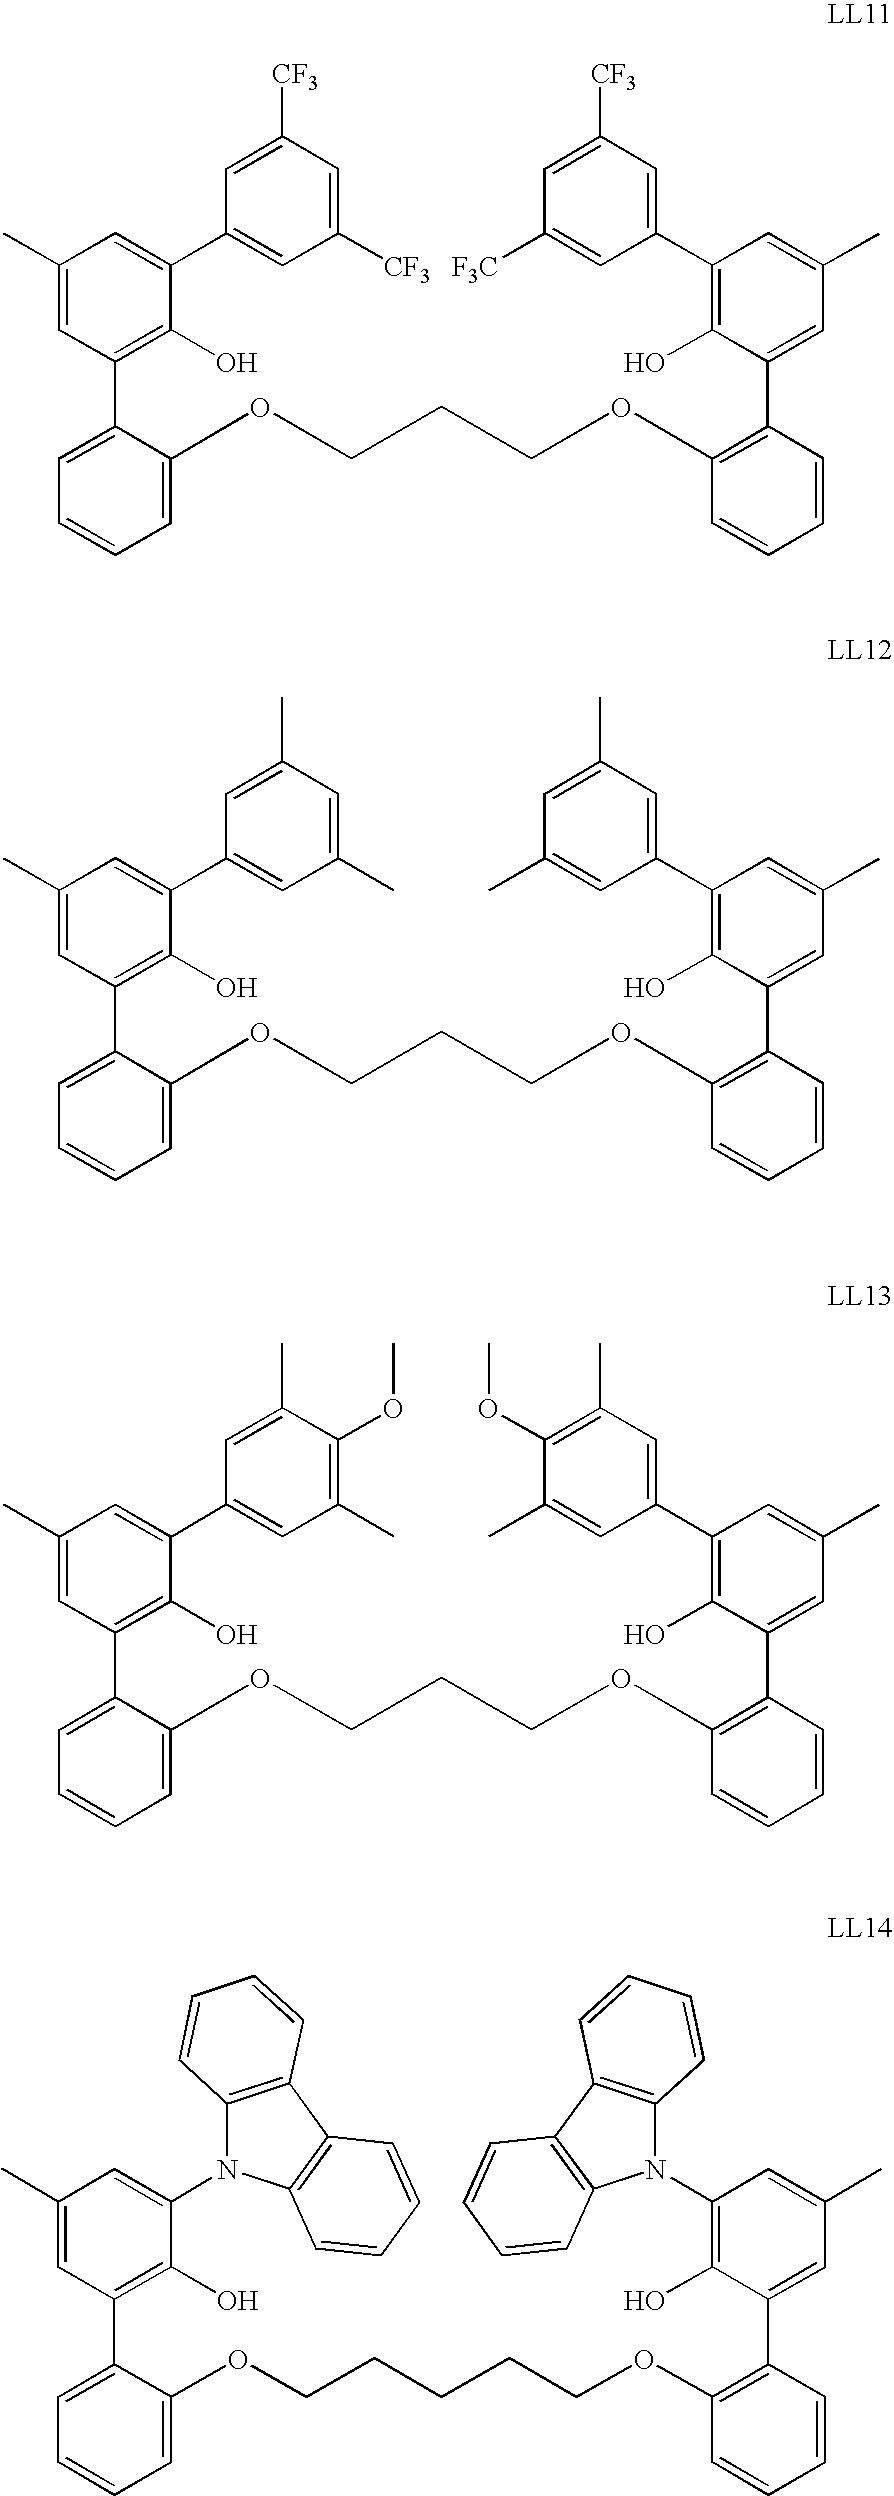 Figure US07241715-20070710-C00079